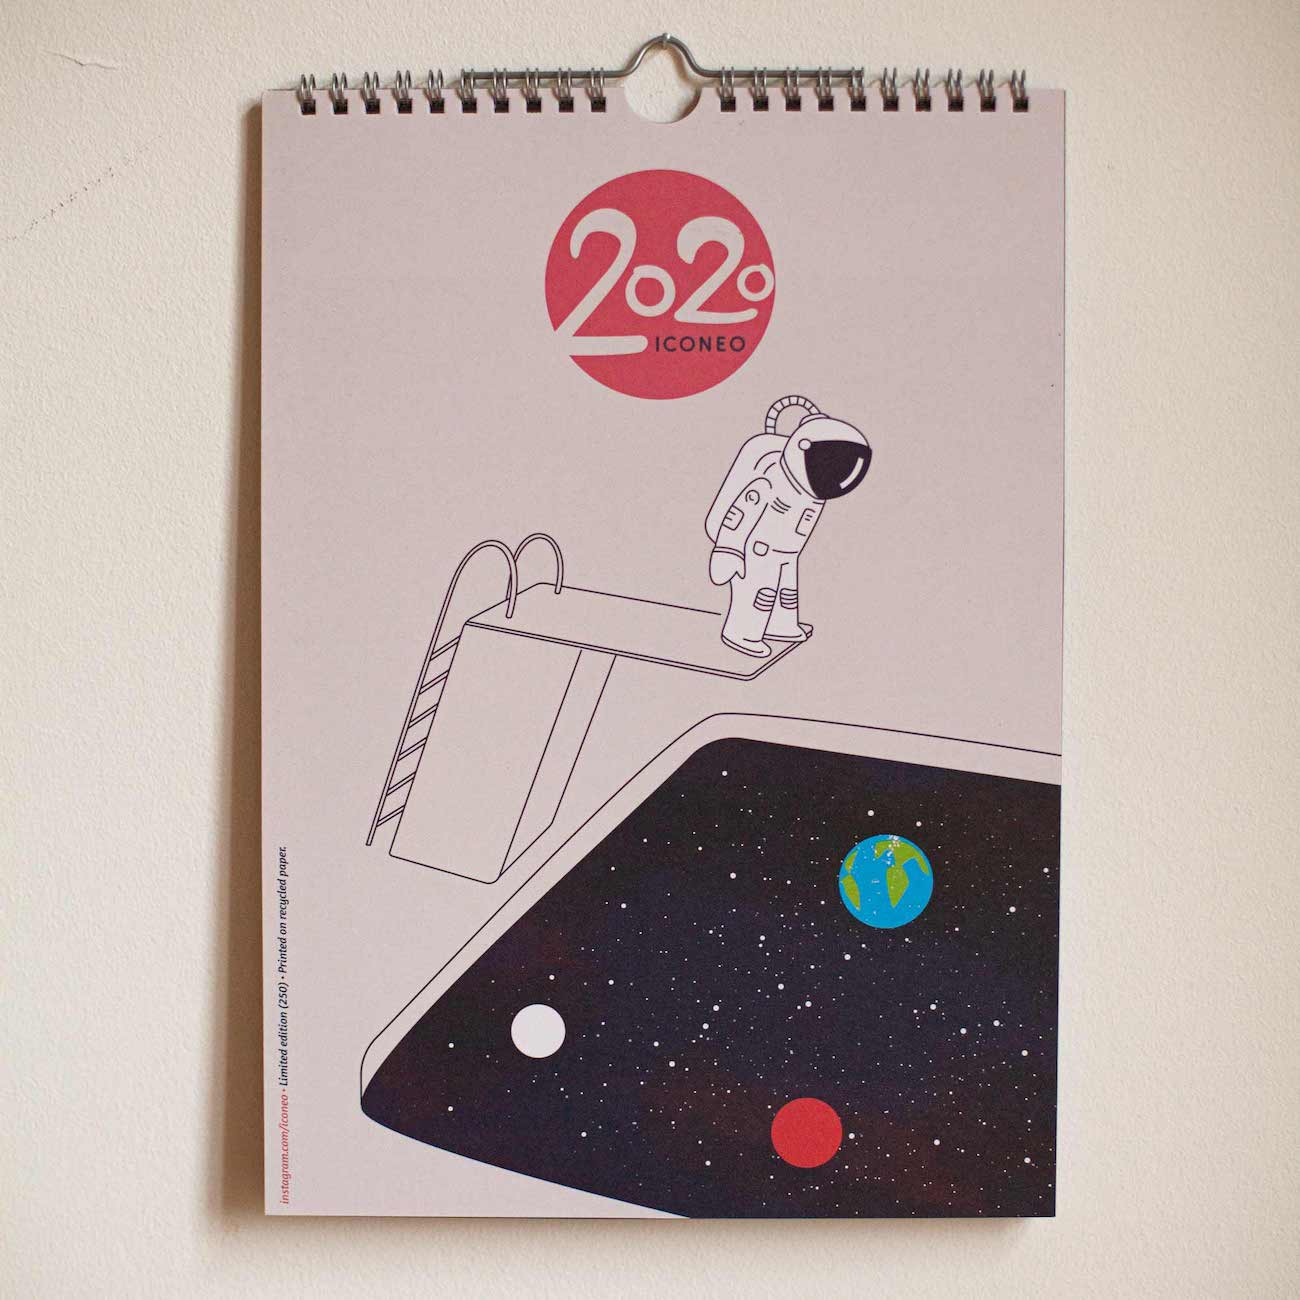 Cover des Iconeo Wandkalenders 2020 mit illustrierten Doppelbildern